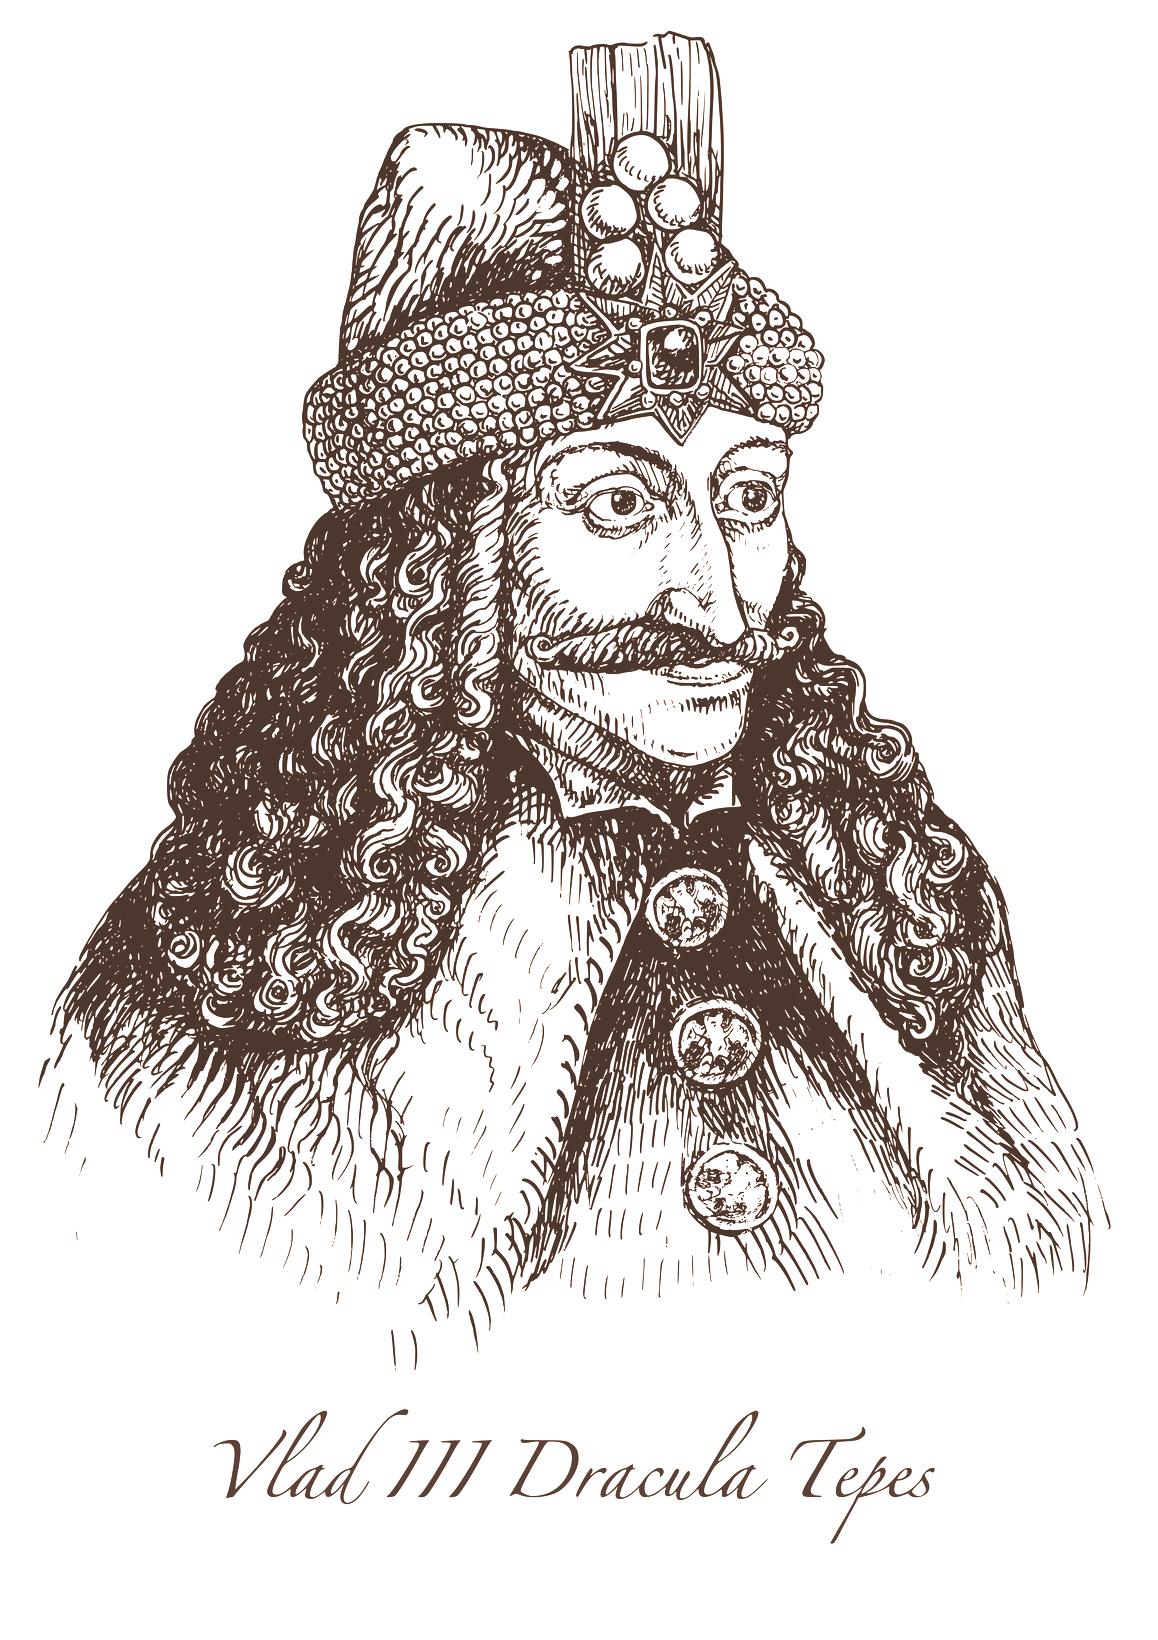 Vlad III Dracula Tepes: der historische Graf Drakula